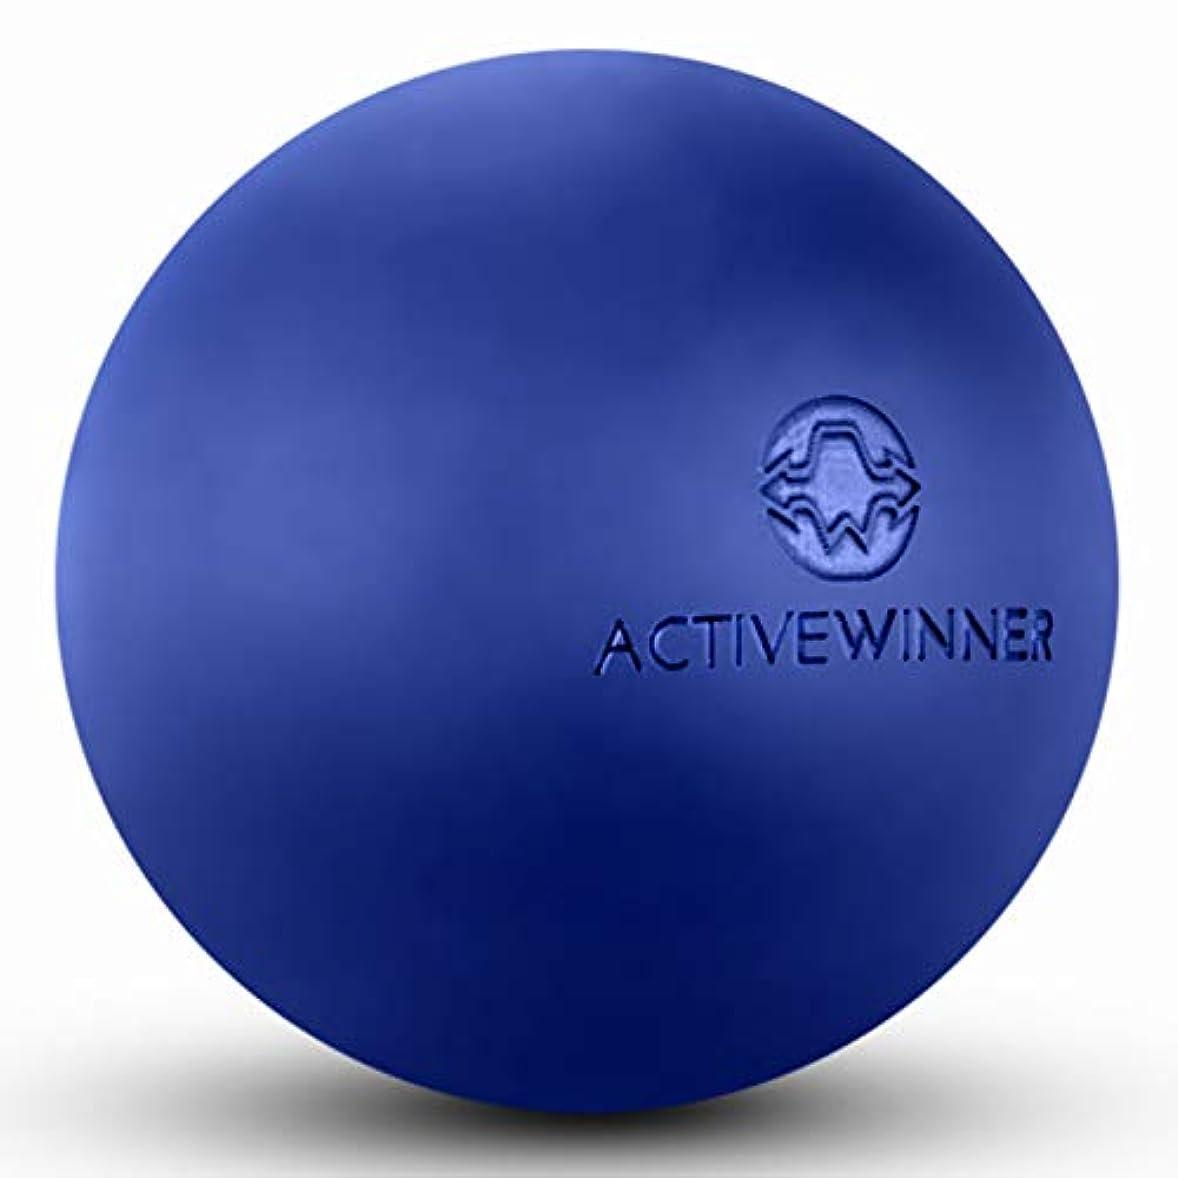 転送かすかな少ないActive Winner マッサージボール トリガーポイント (ネイビー) ストレッチボール 筋膜リリース トレーニング 背中 肩こり 腰 ふくらはぎ 足 ツボ押し